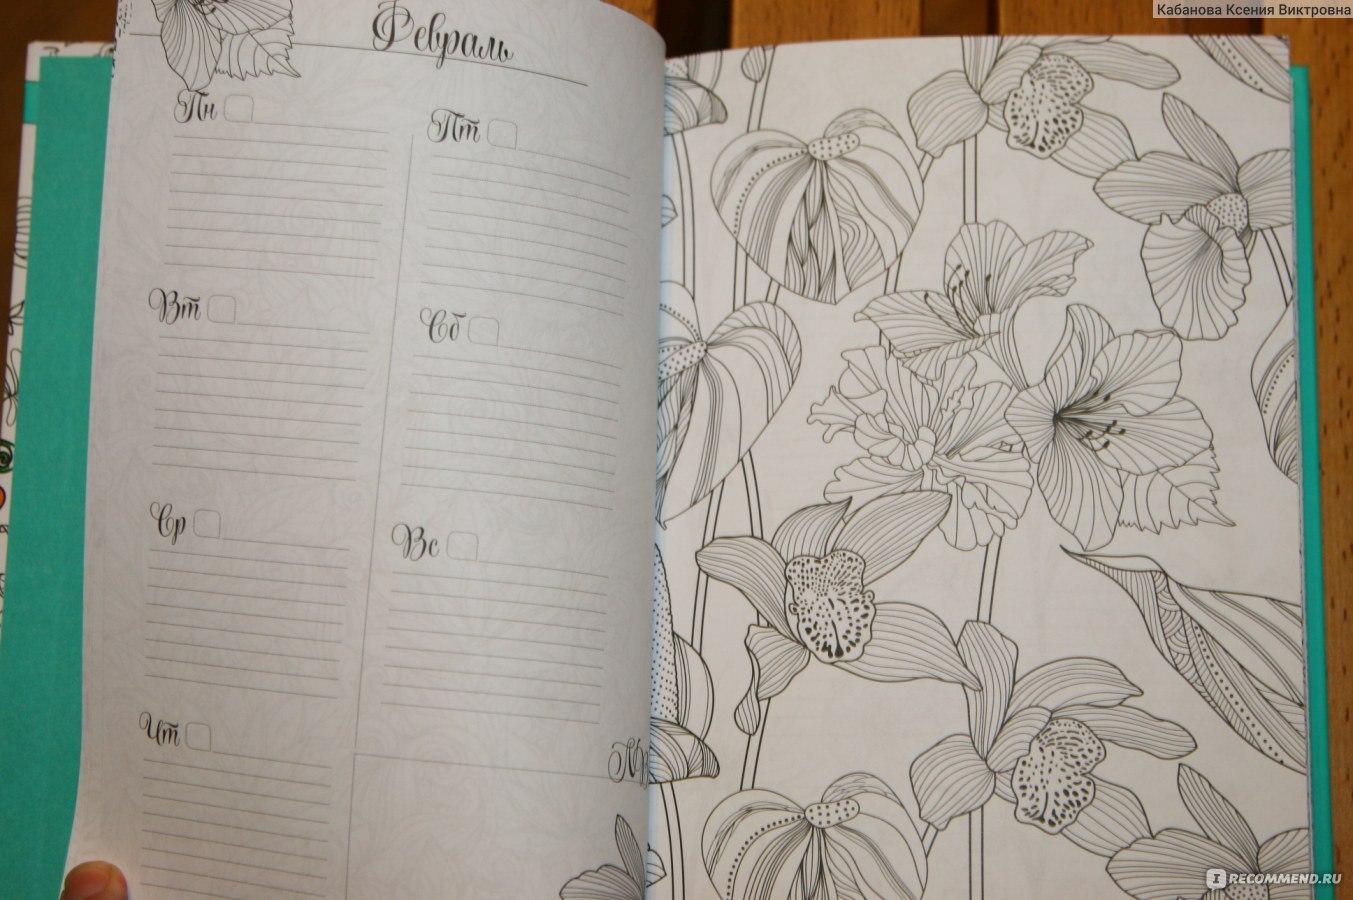 Как сделать ежедневник раскраска